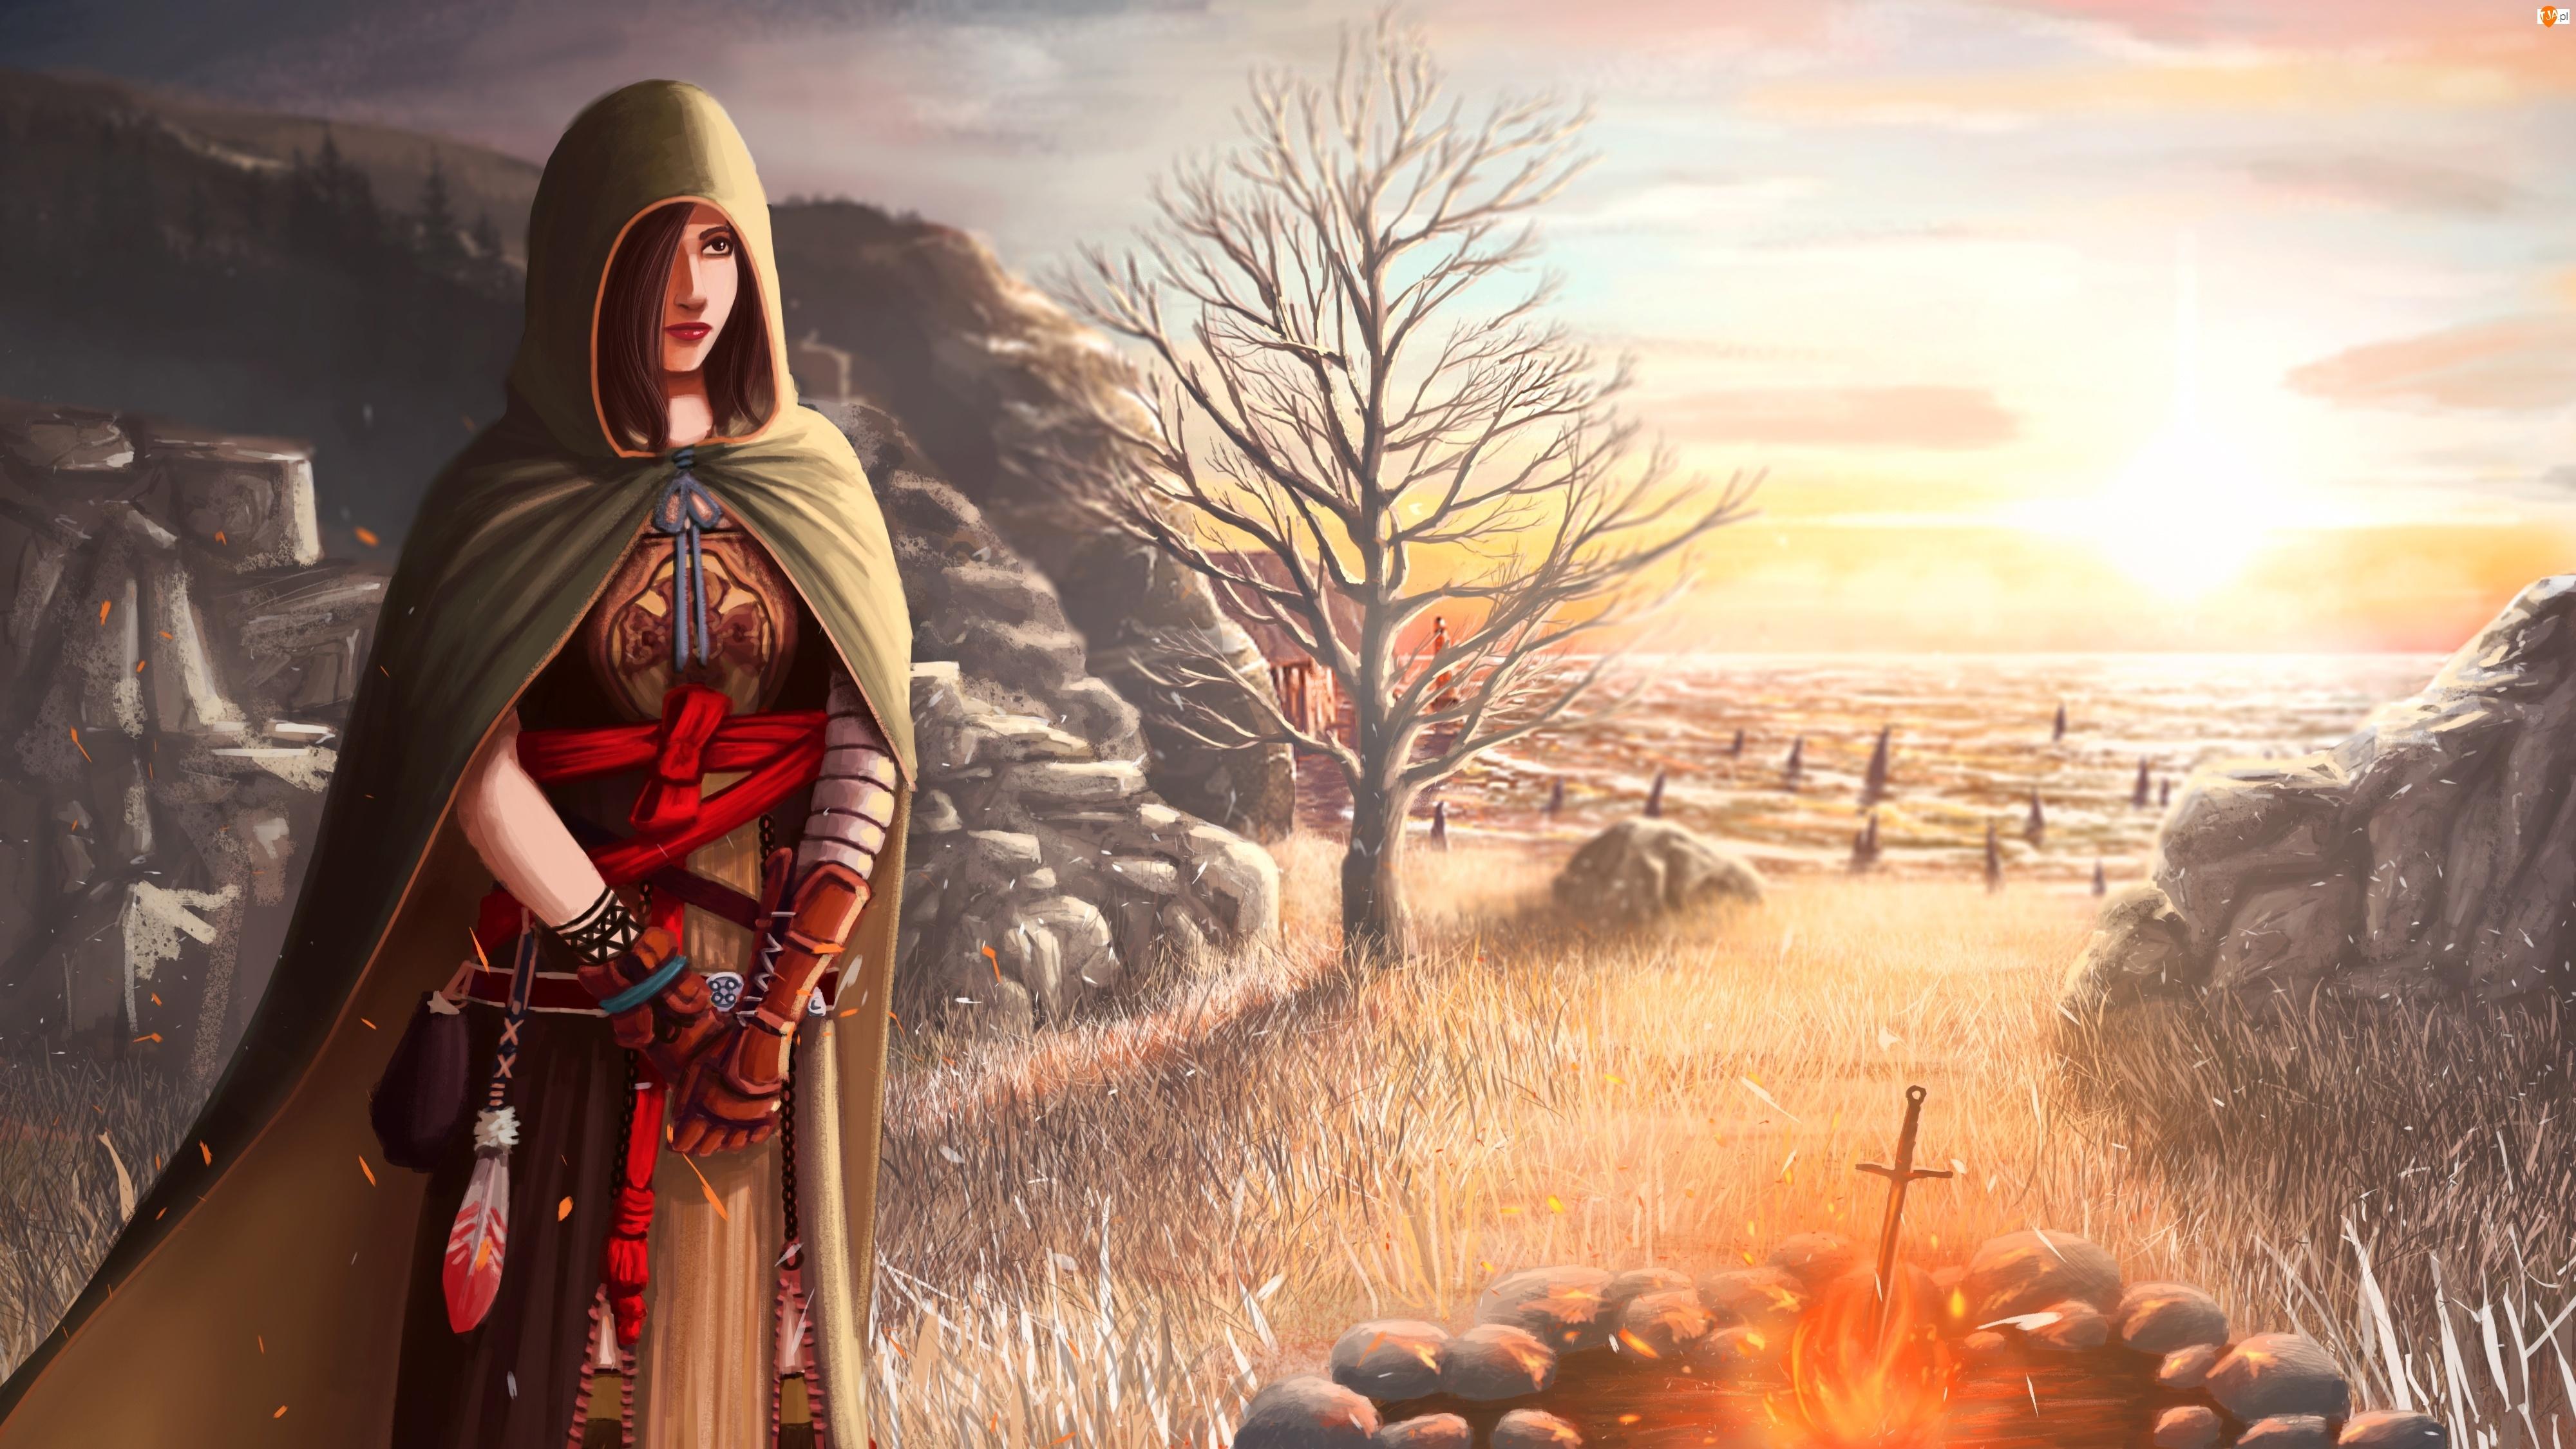 Słońce, Miecz, Rysunek, Dark Souls 2, Ognisko, Gra, Drzewo, Kobieta, Skały